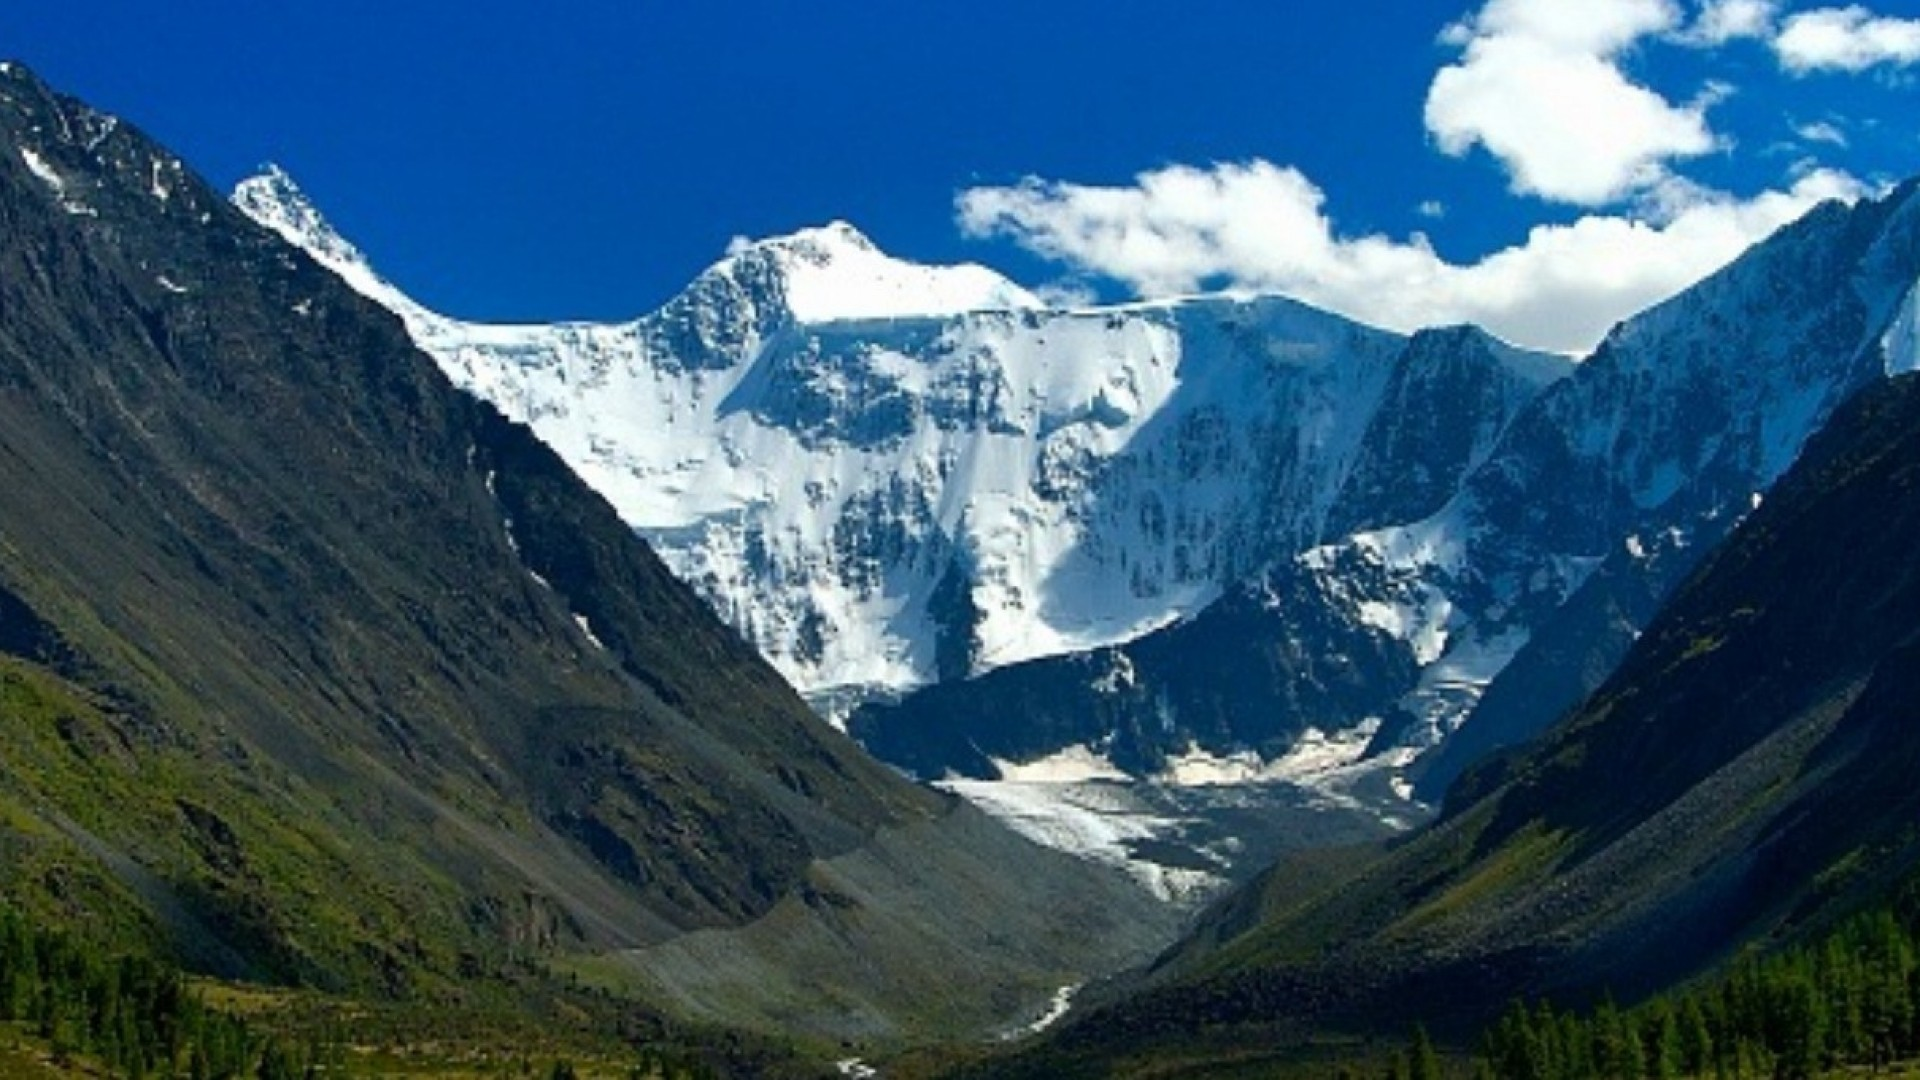 15 снимков гор от фотографа Игоря Мазутского